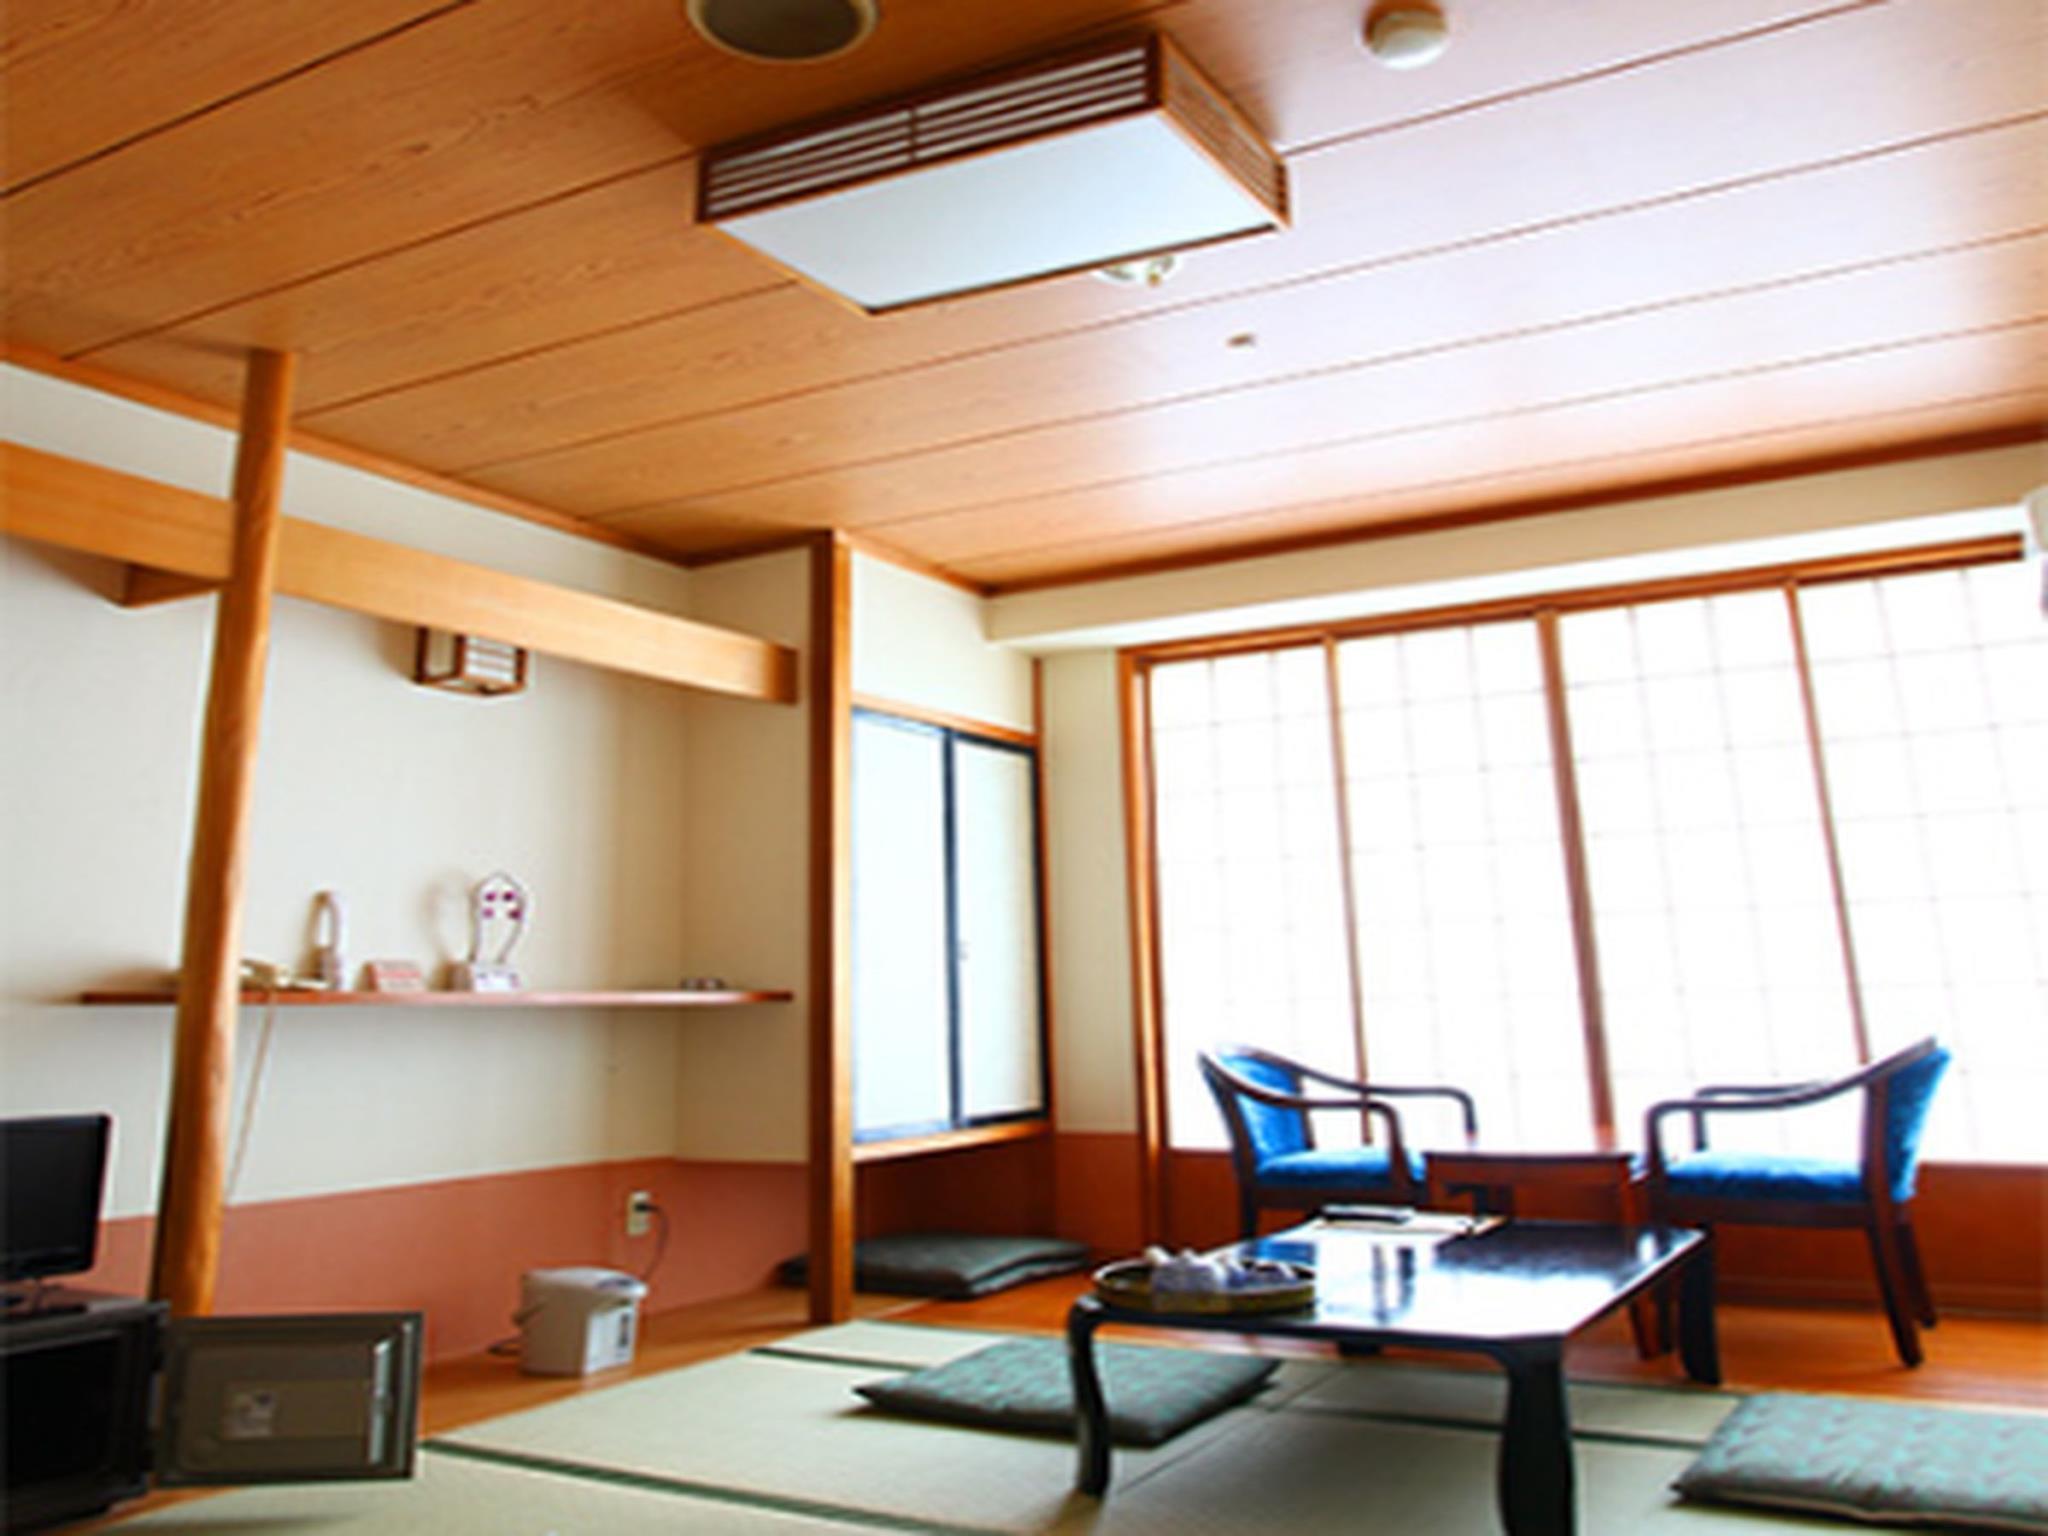 Objectif Zero Dechet Salle De Bain ~ hotel new ohruri nikk offres sp ciales pour cet h tel